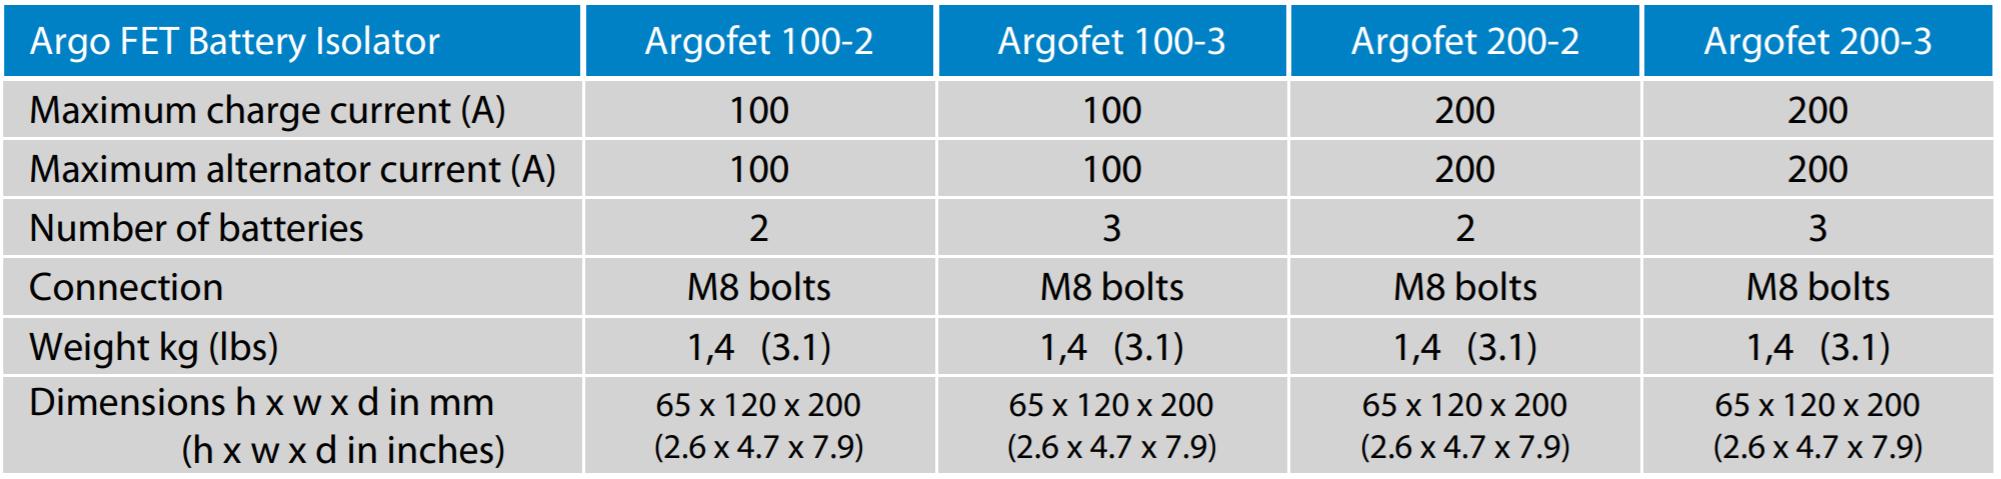 Технические характеристики разделителей различных моделей